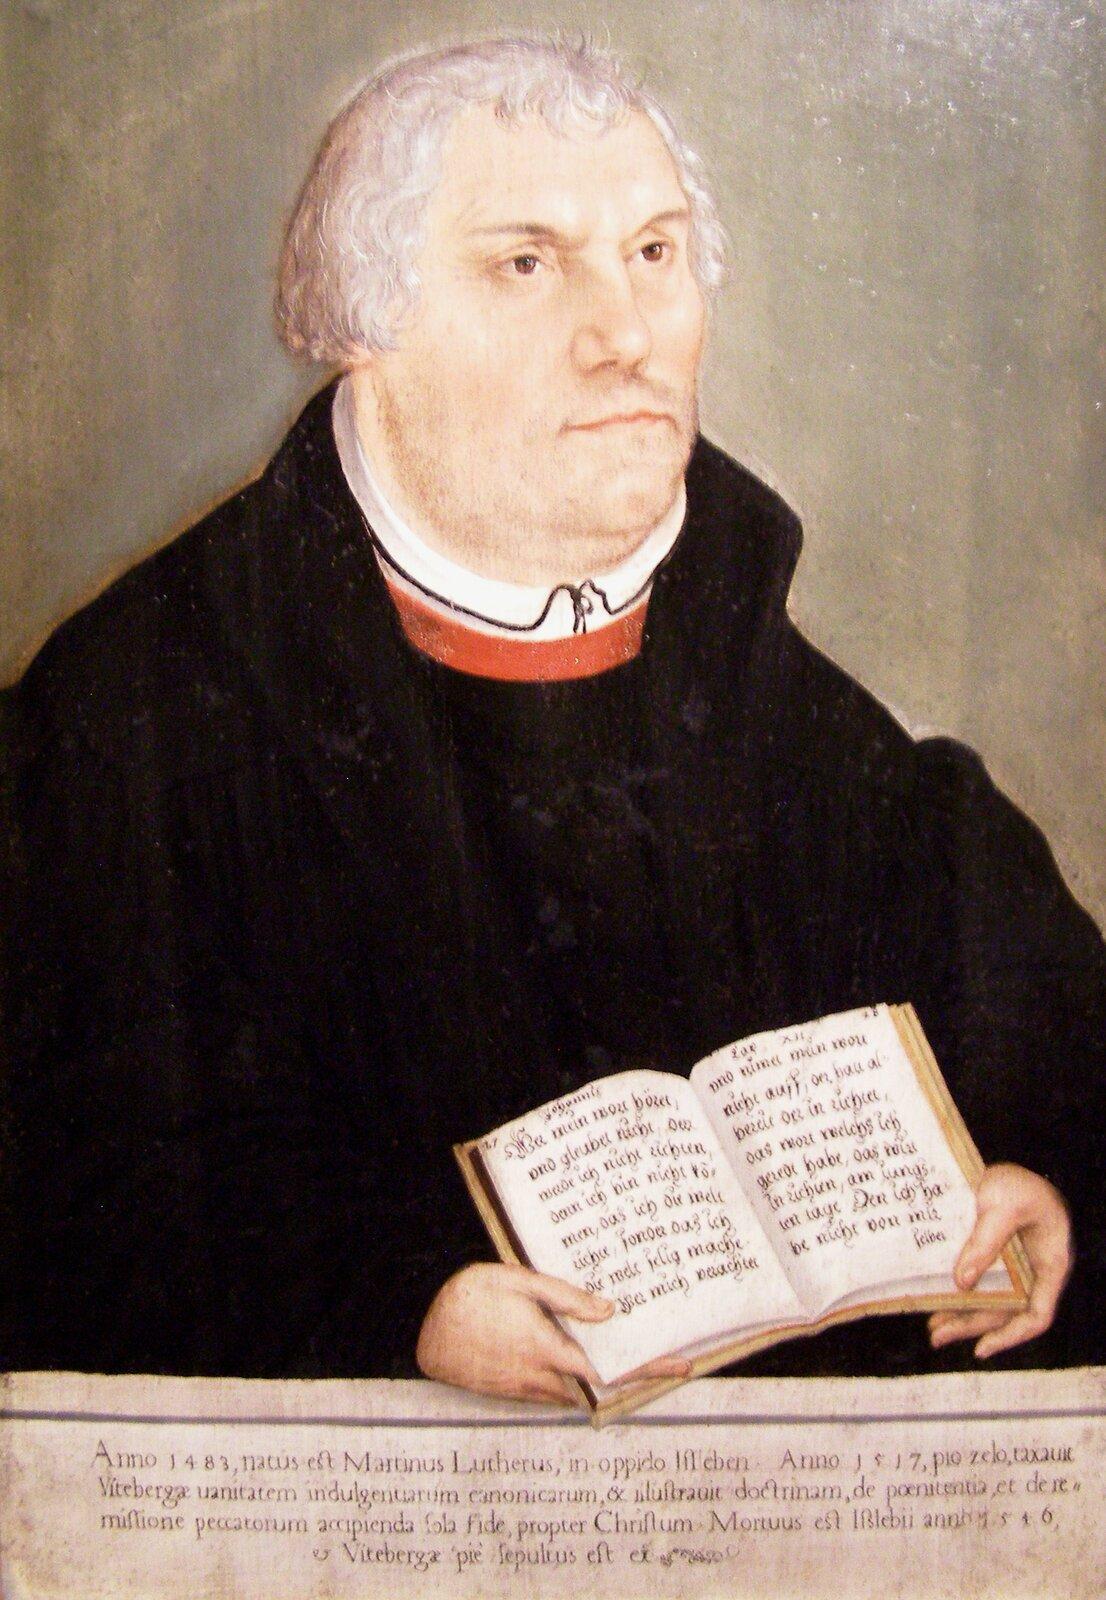 Portret Marcina Lutra Portret Marcina Lutra Źródło: Lucas Cranach młodszy, koniec XVI wieku, domena publiczna.